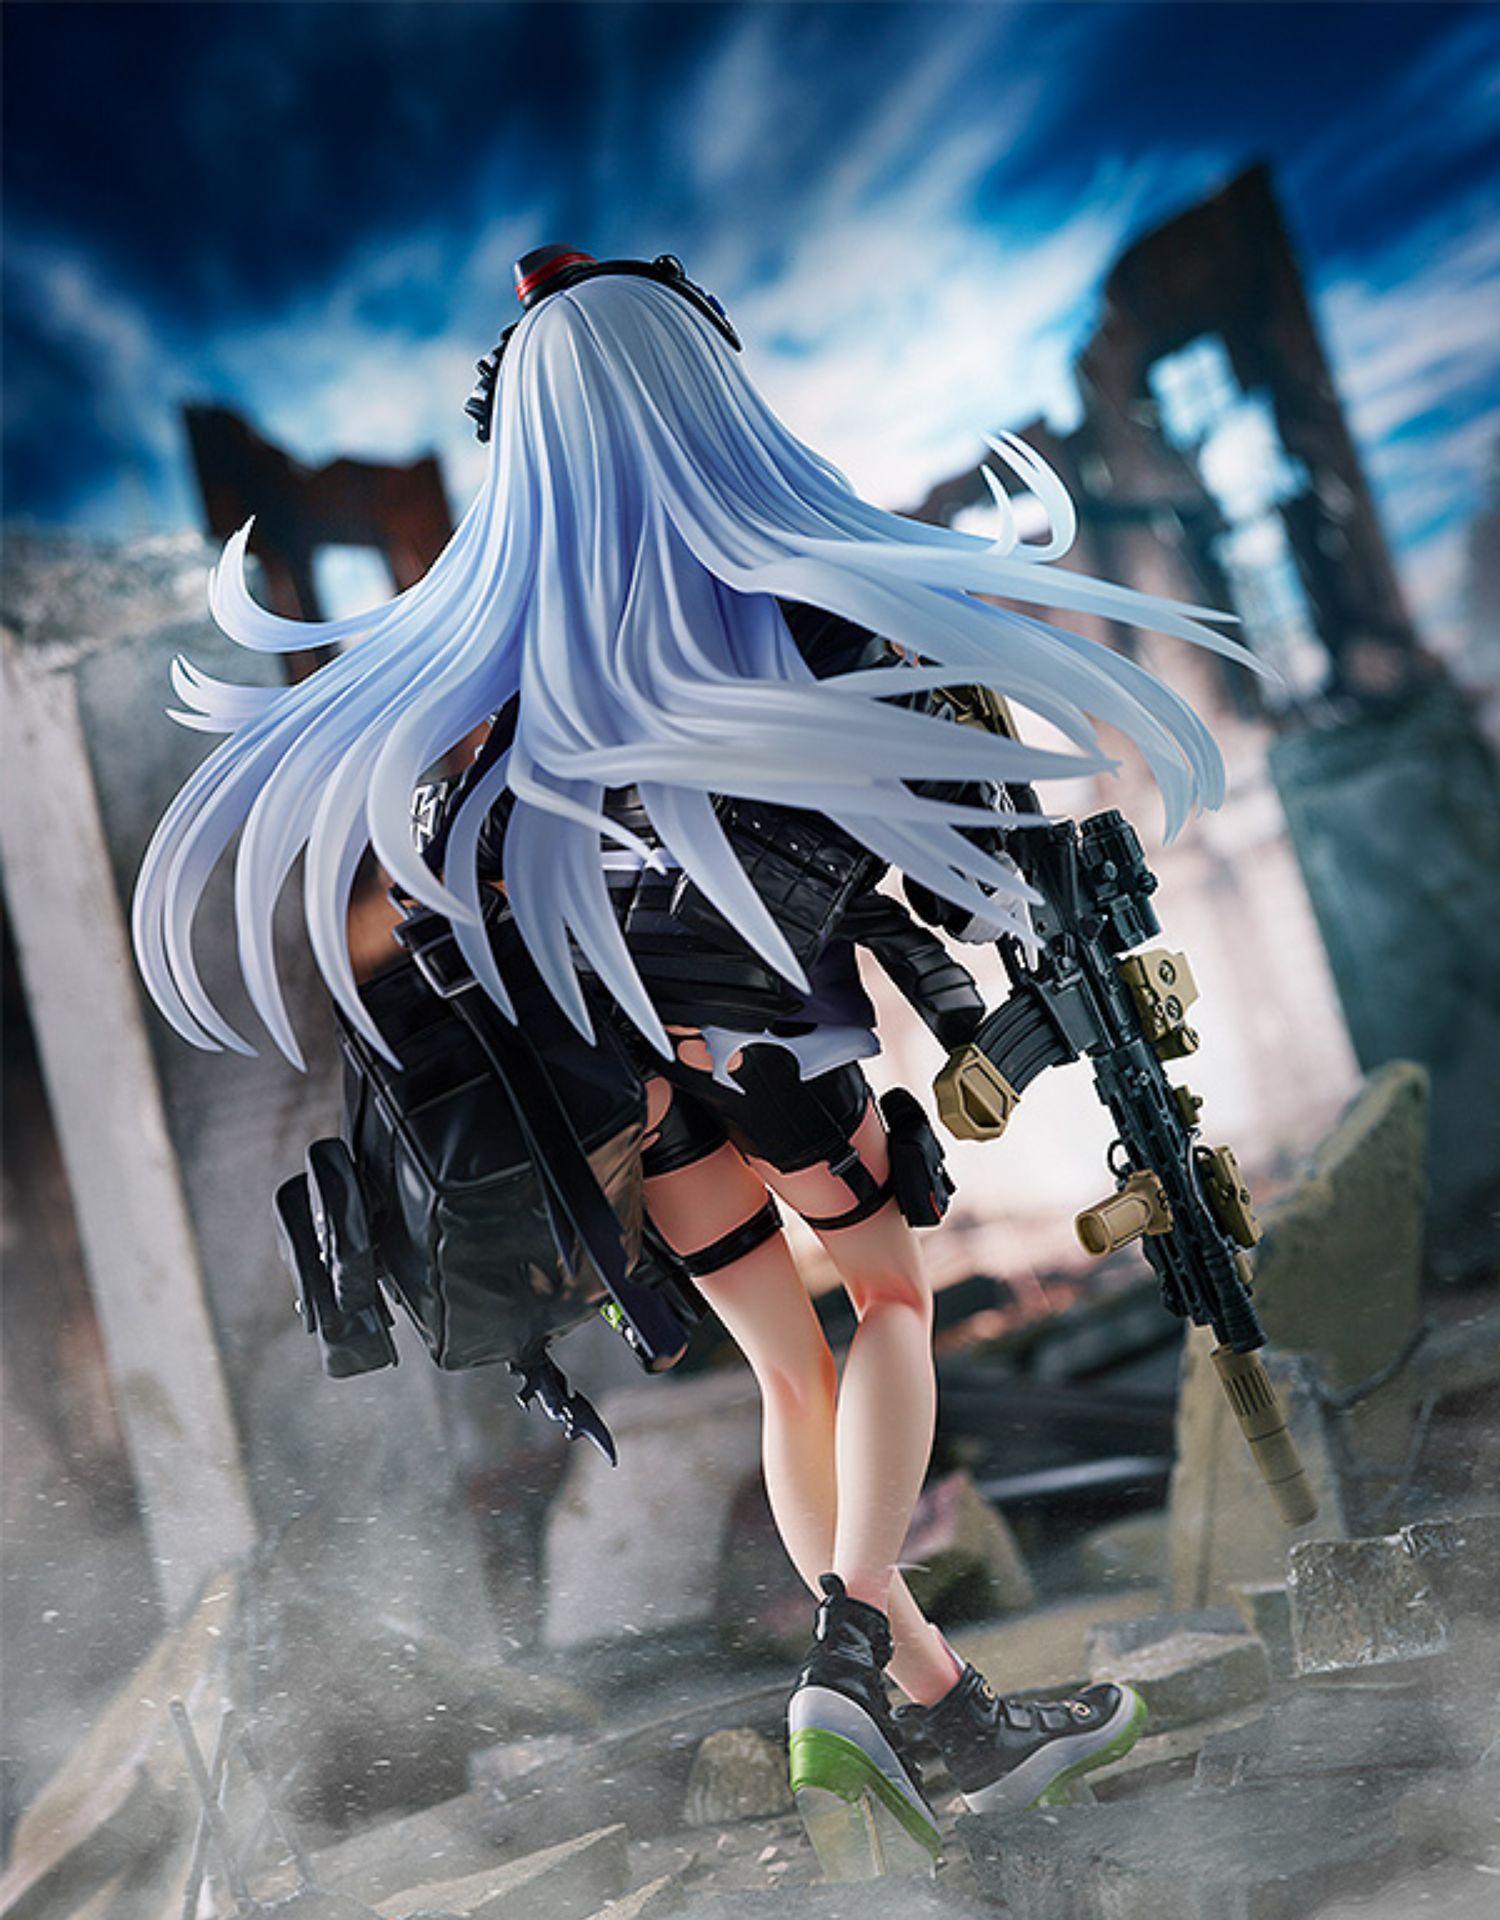 phat!《少女前线》HK416 MOD3 重伤 手办(第二波预购)- ACG17.COM